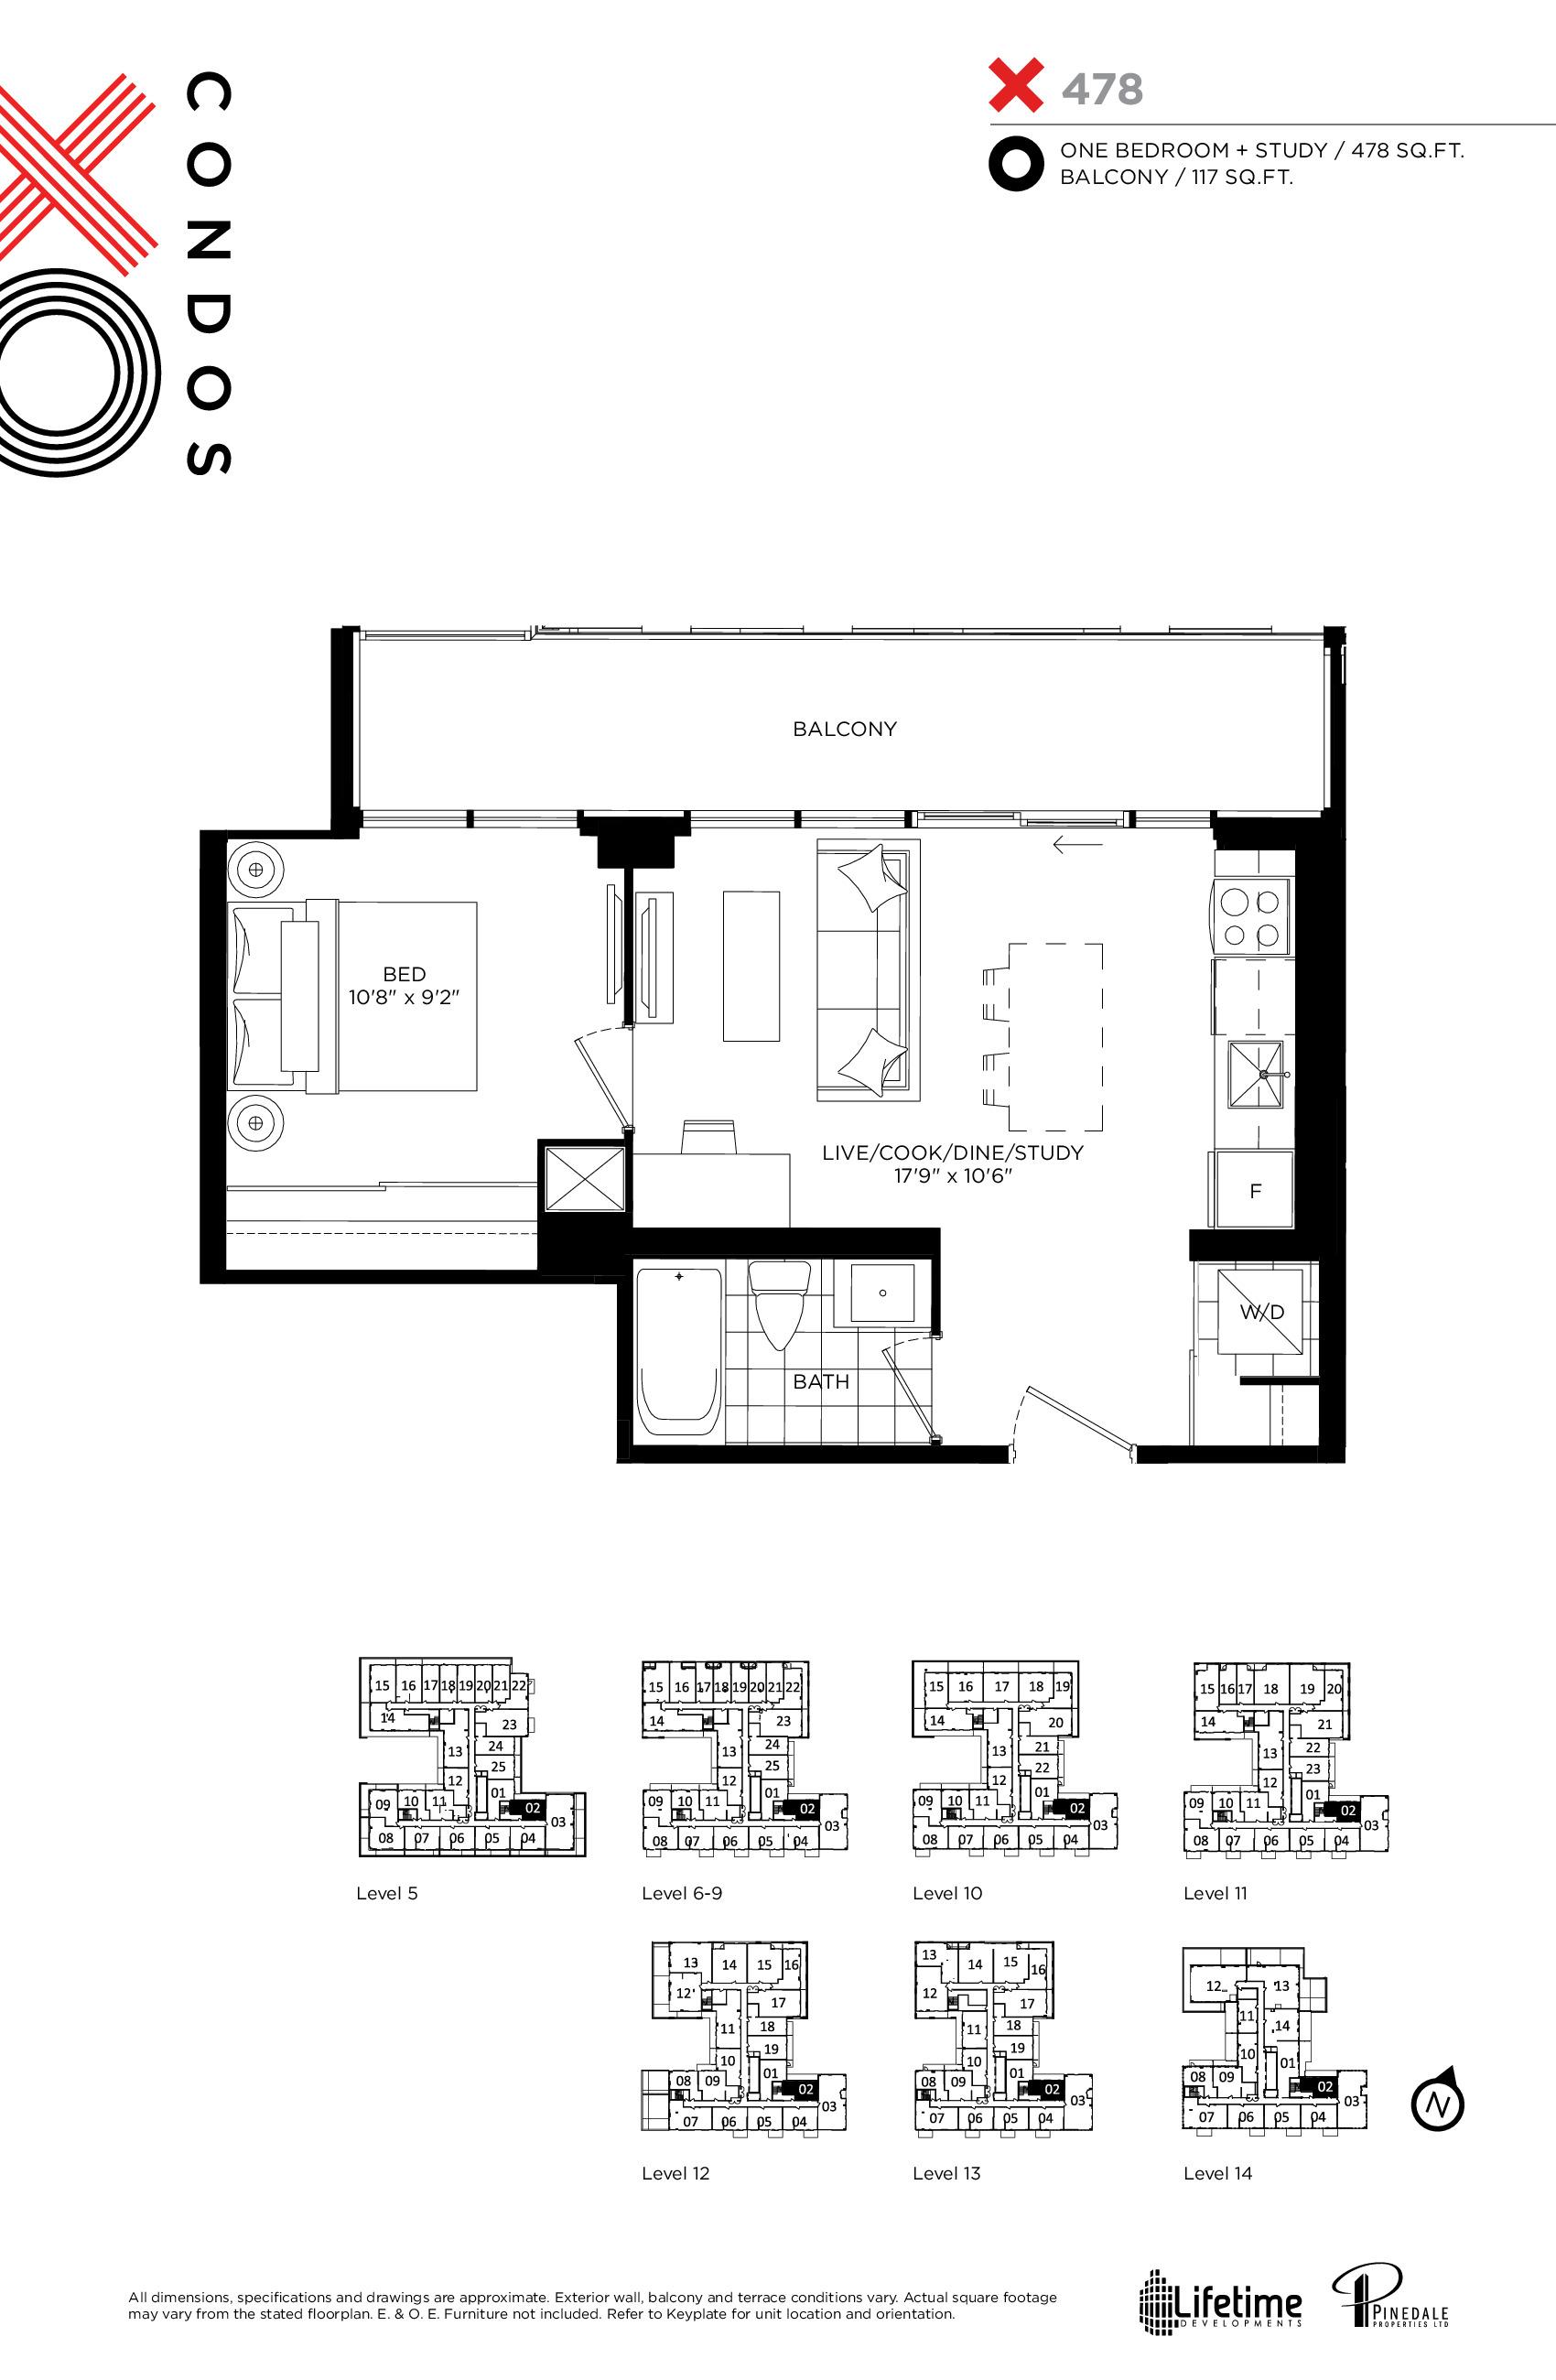 478 Floor Plan at XO Condos - 478 sq.ft